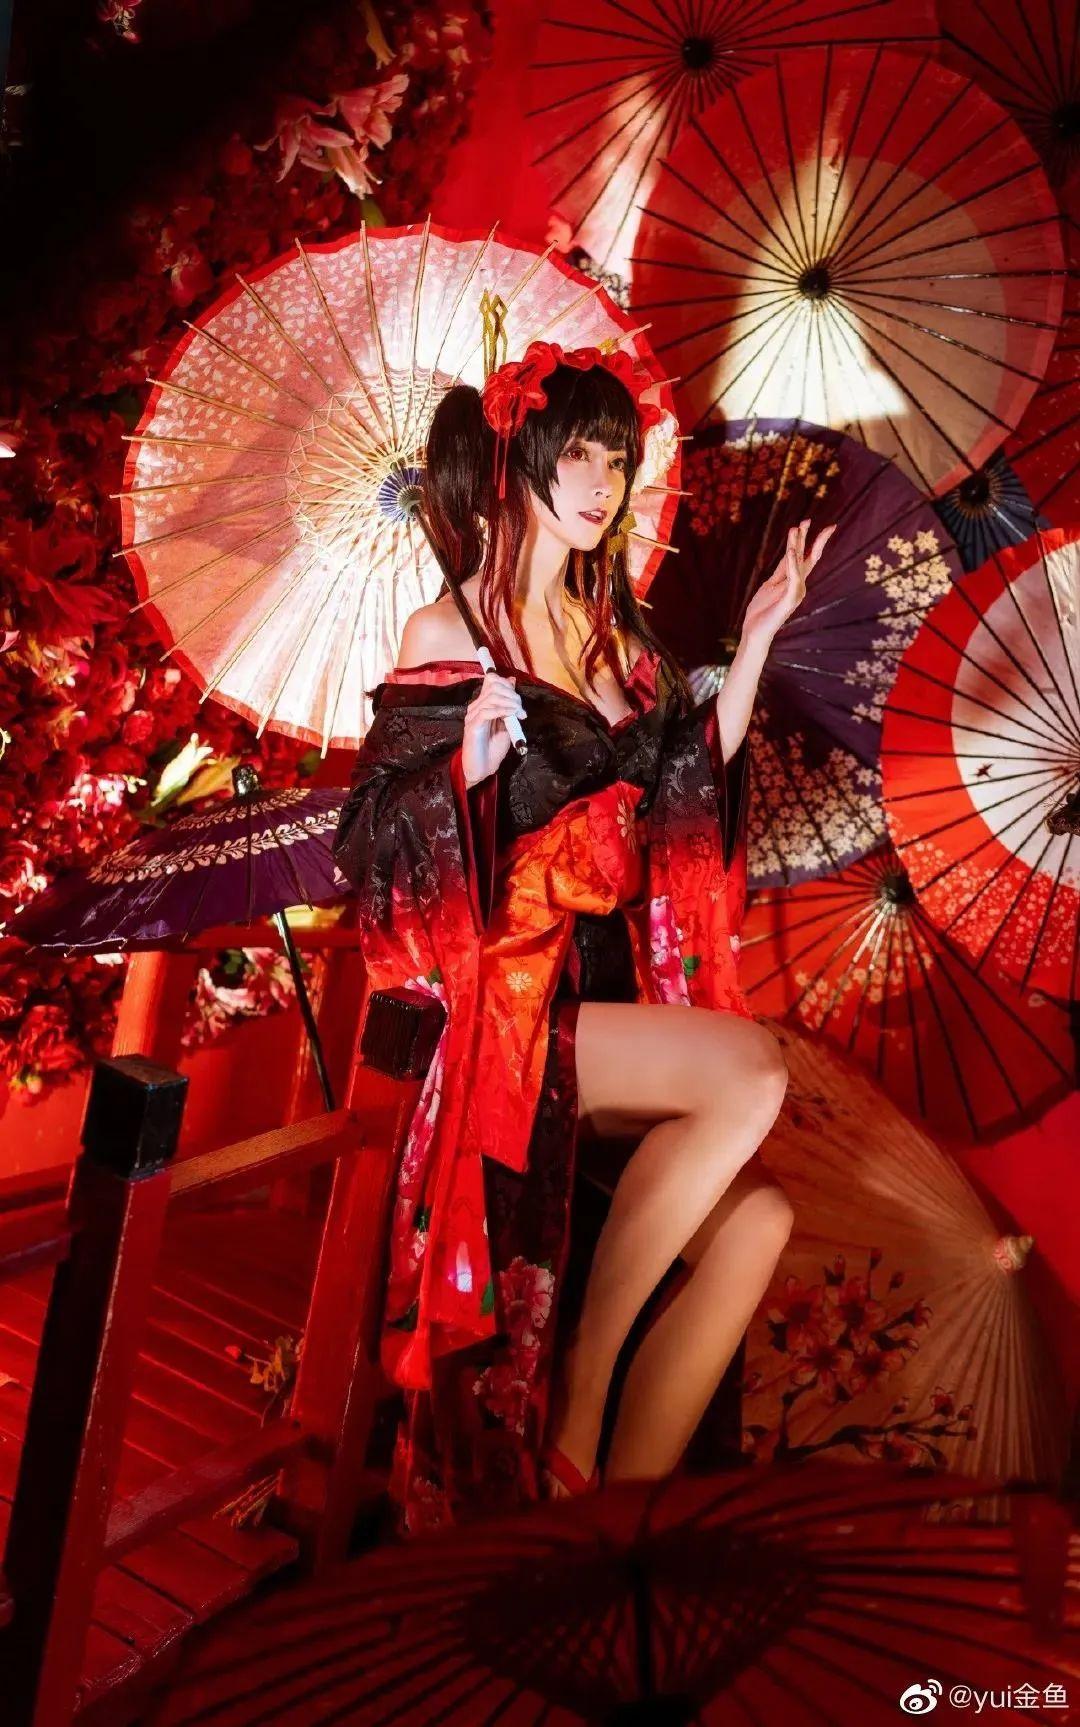 [狂三cosplay]yui金鱼小姐姐,艳丽和服狂三,媚感十足_图片 No.2